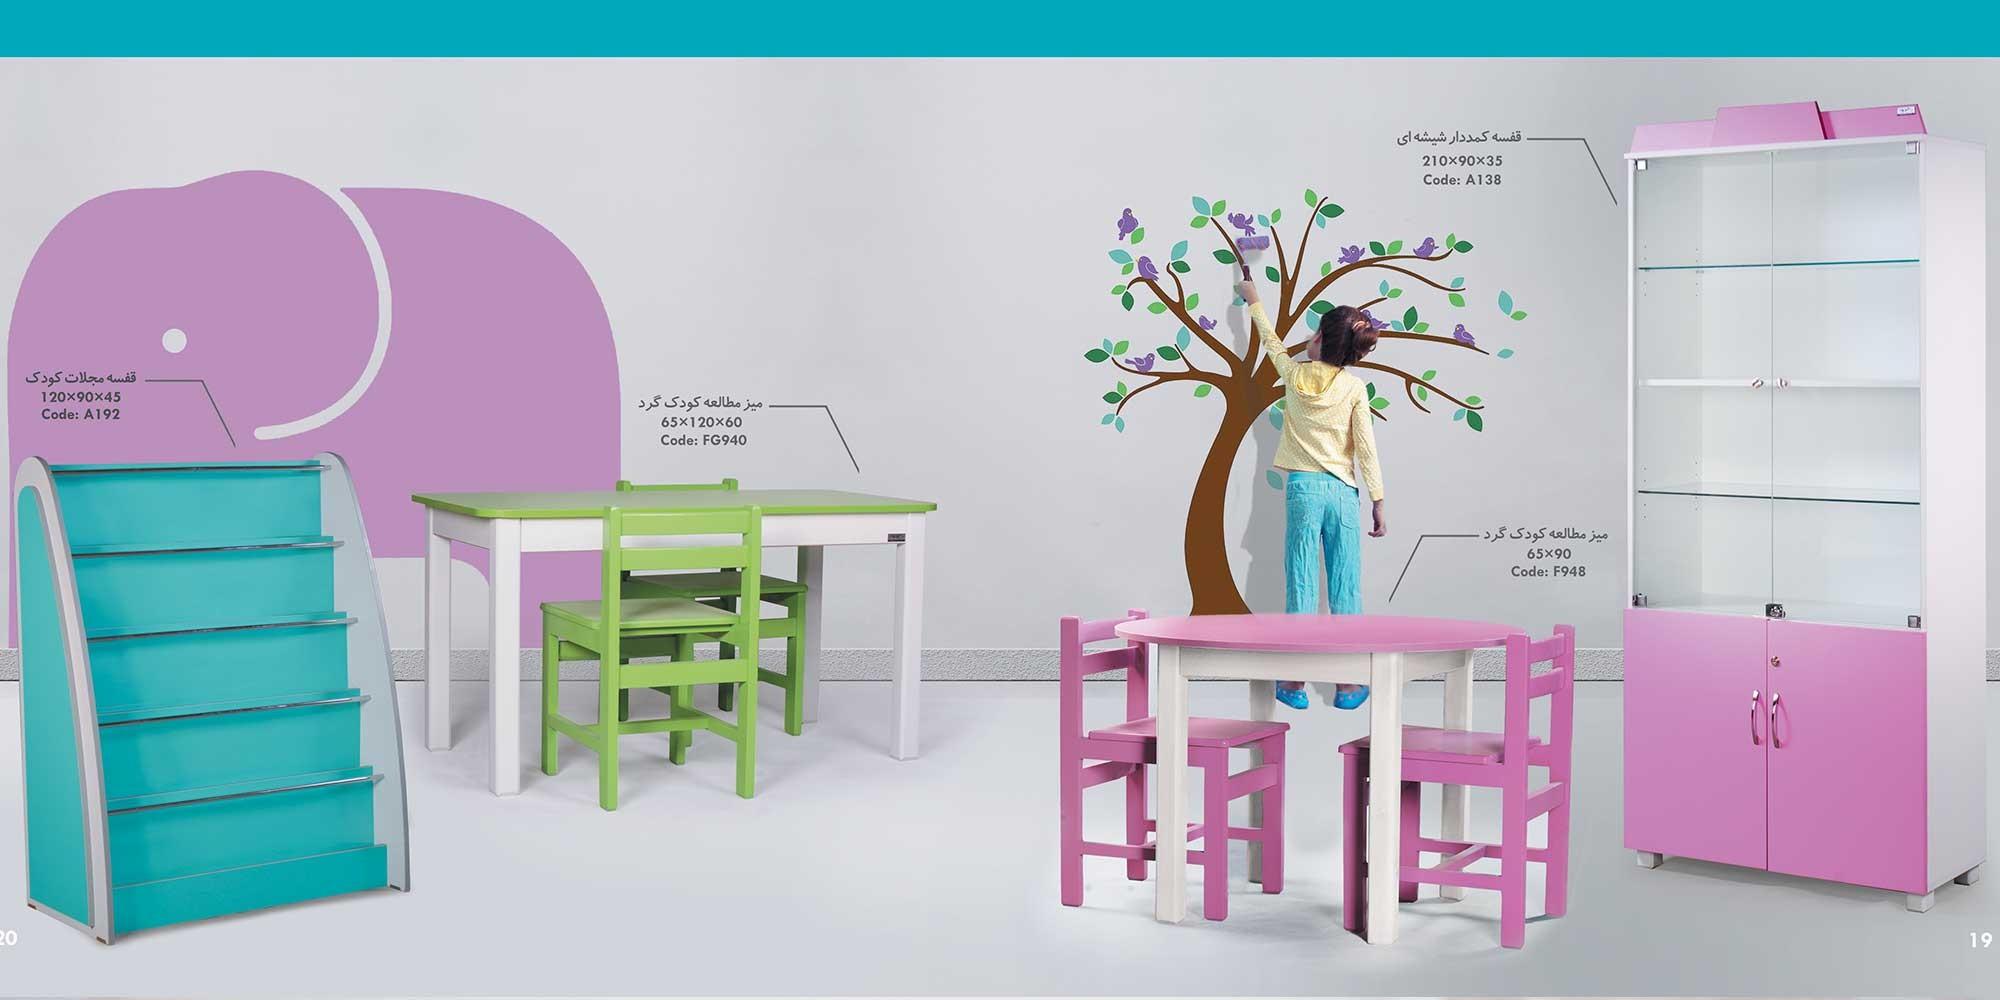 خرید میز تحریر کودک و صندلی کودک